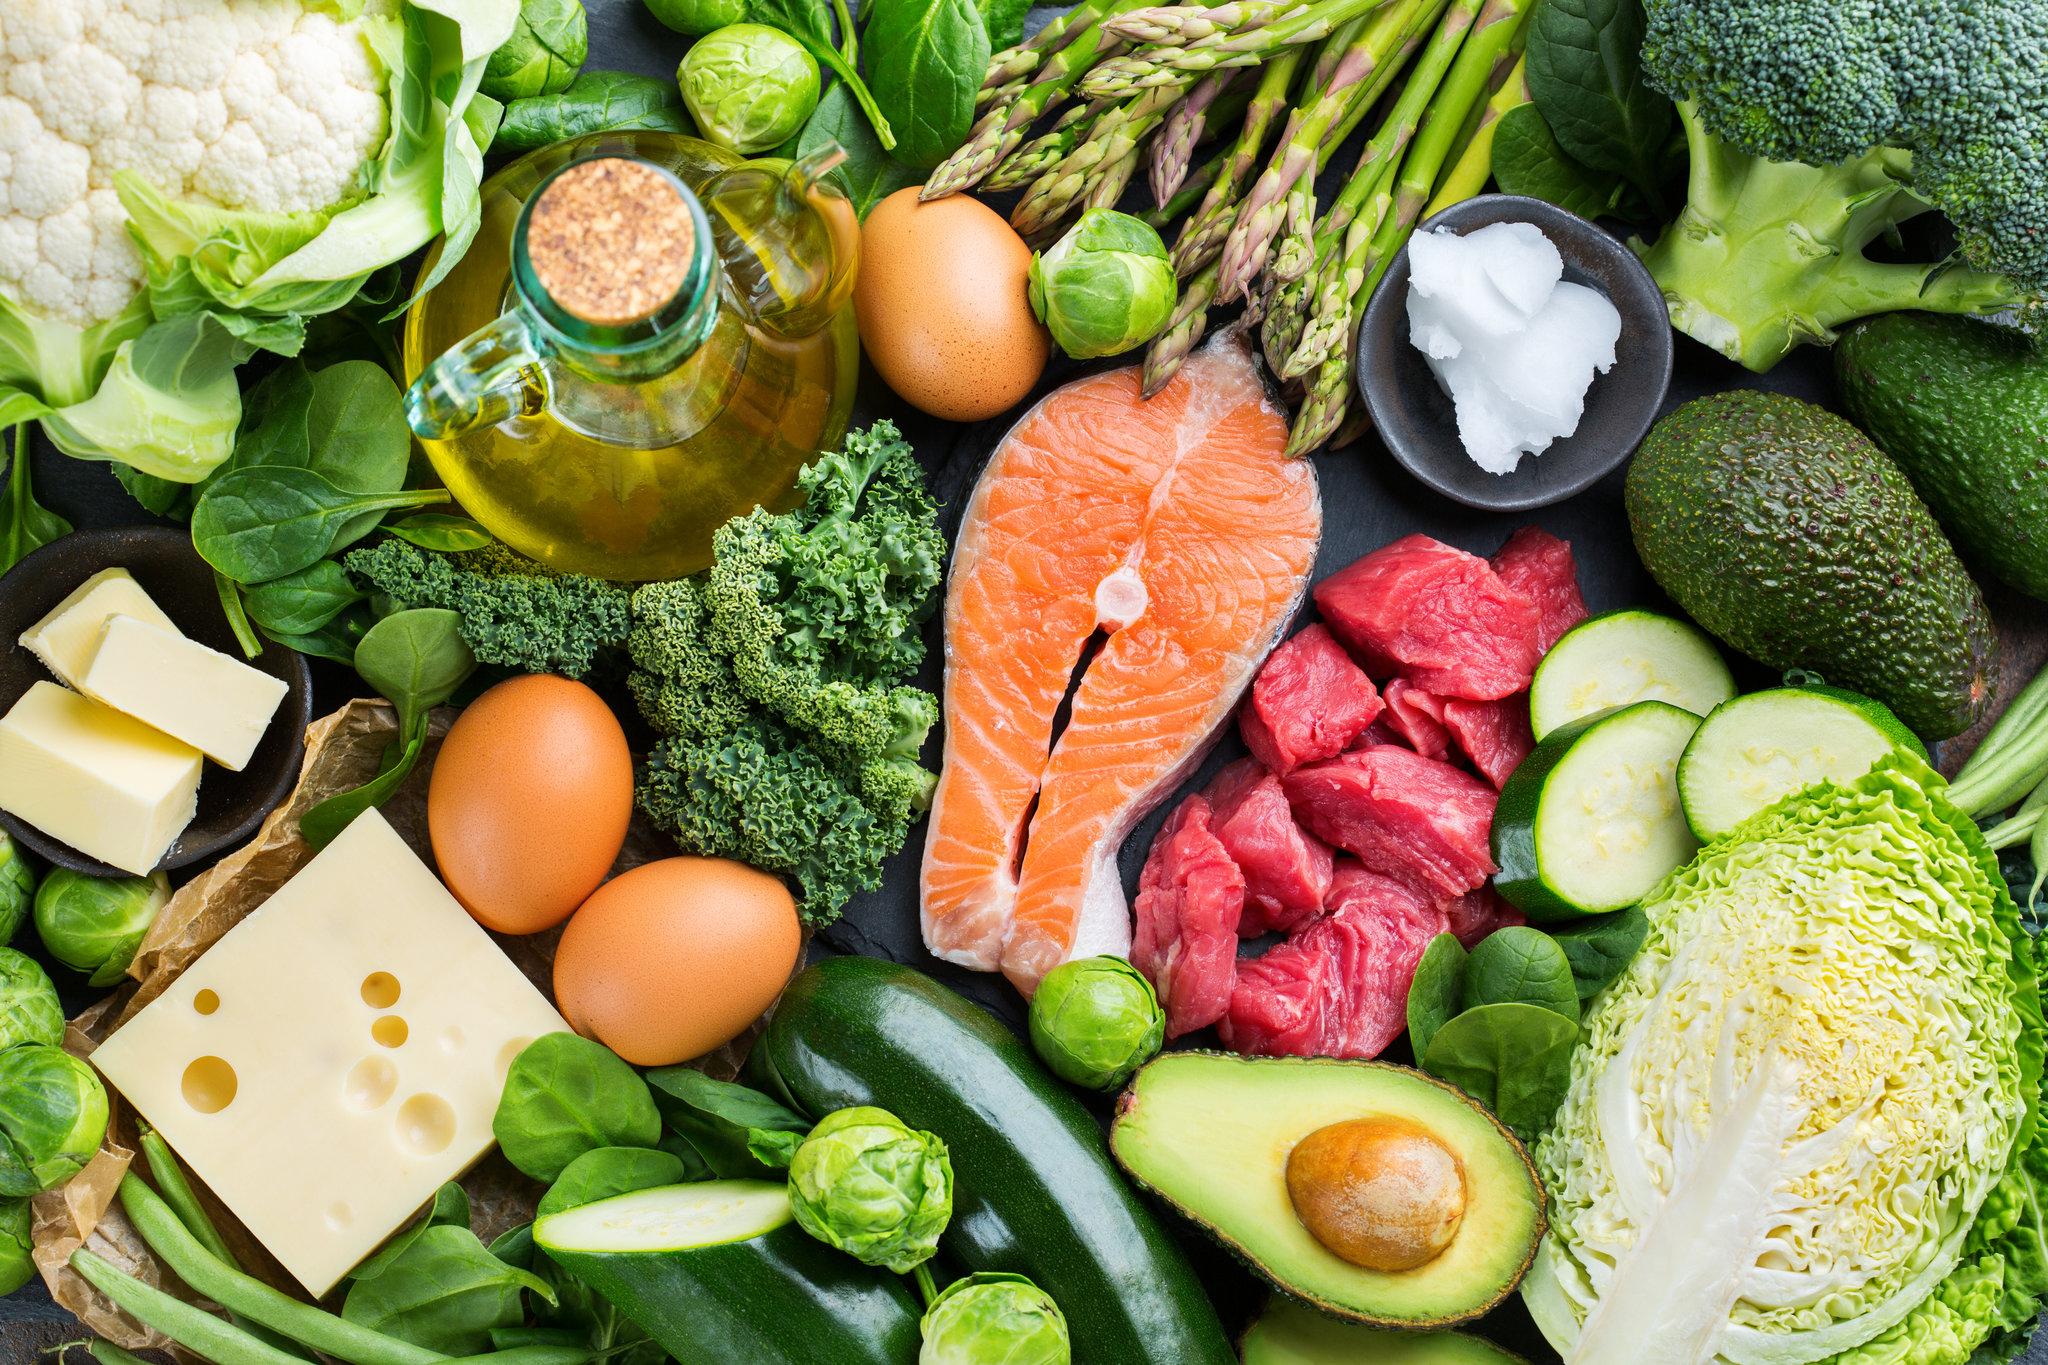 مواد غذاهایی که حاوی کربوهیدرات هستند مثل غلات، شکر، حبوبات، برنج، سیب زمینی، آبنبات، آب میوه و بسیاری از میوه ها پرهیز کنید.